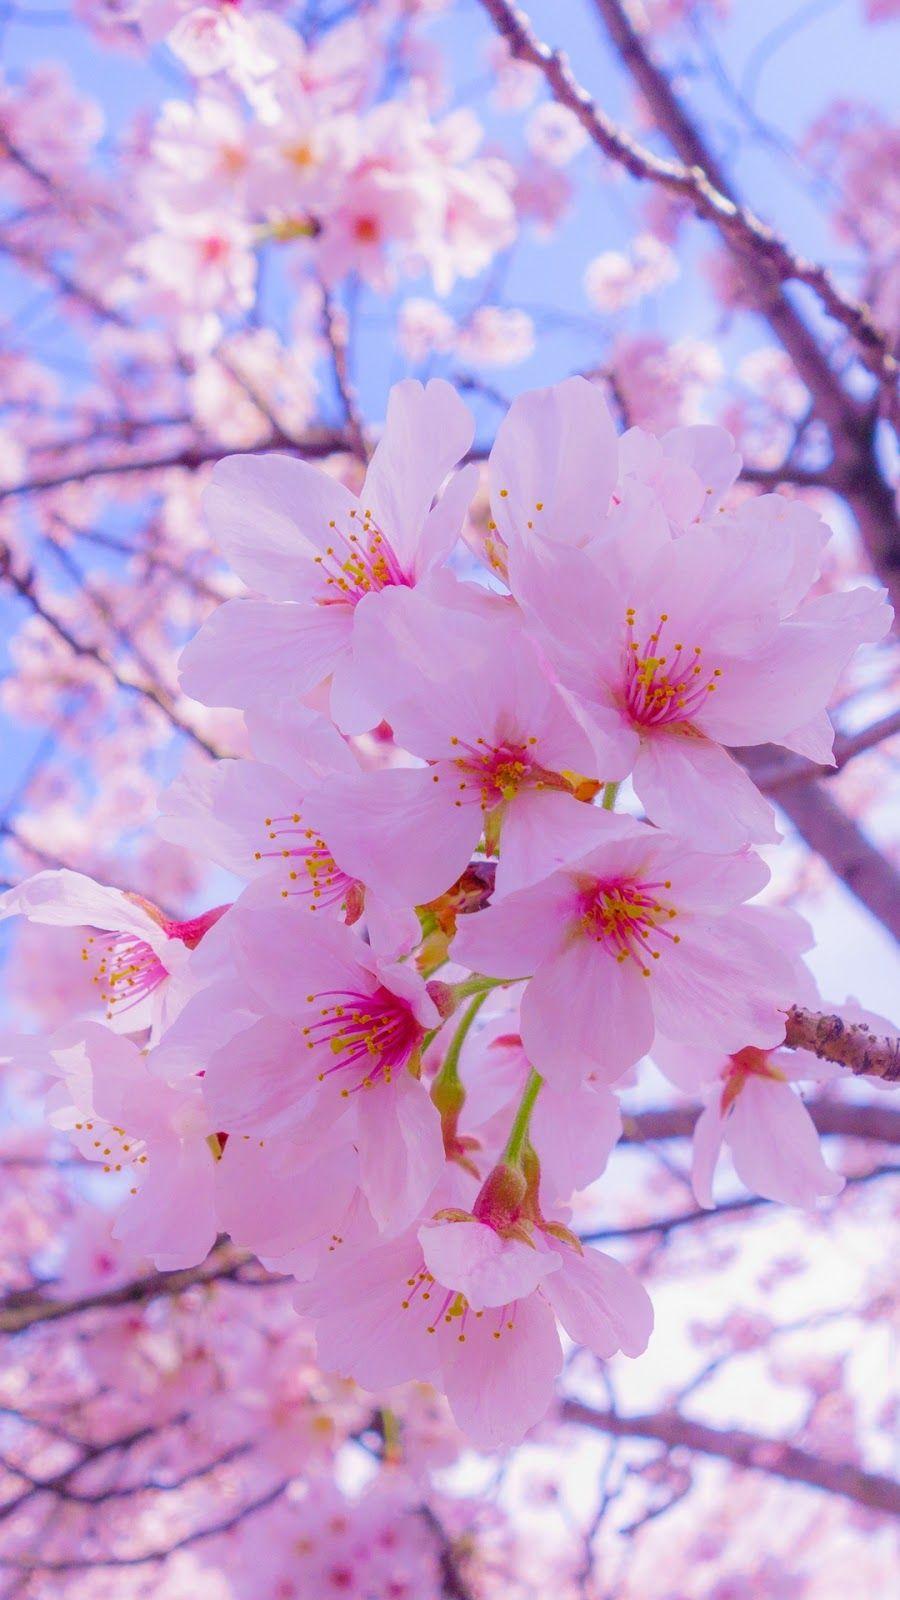 Cherry Blossom Cherry Blossom Wallpaper Flower Lockscreen Flower Phone Wallpaper